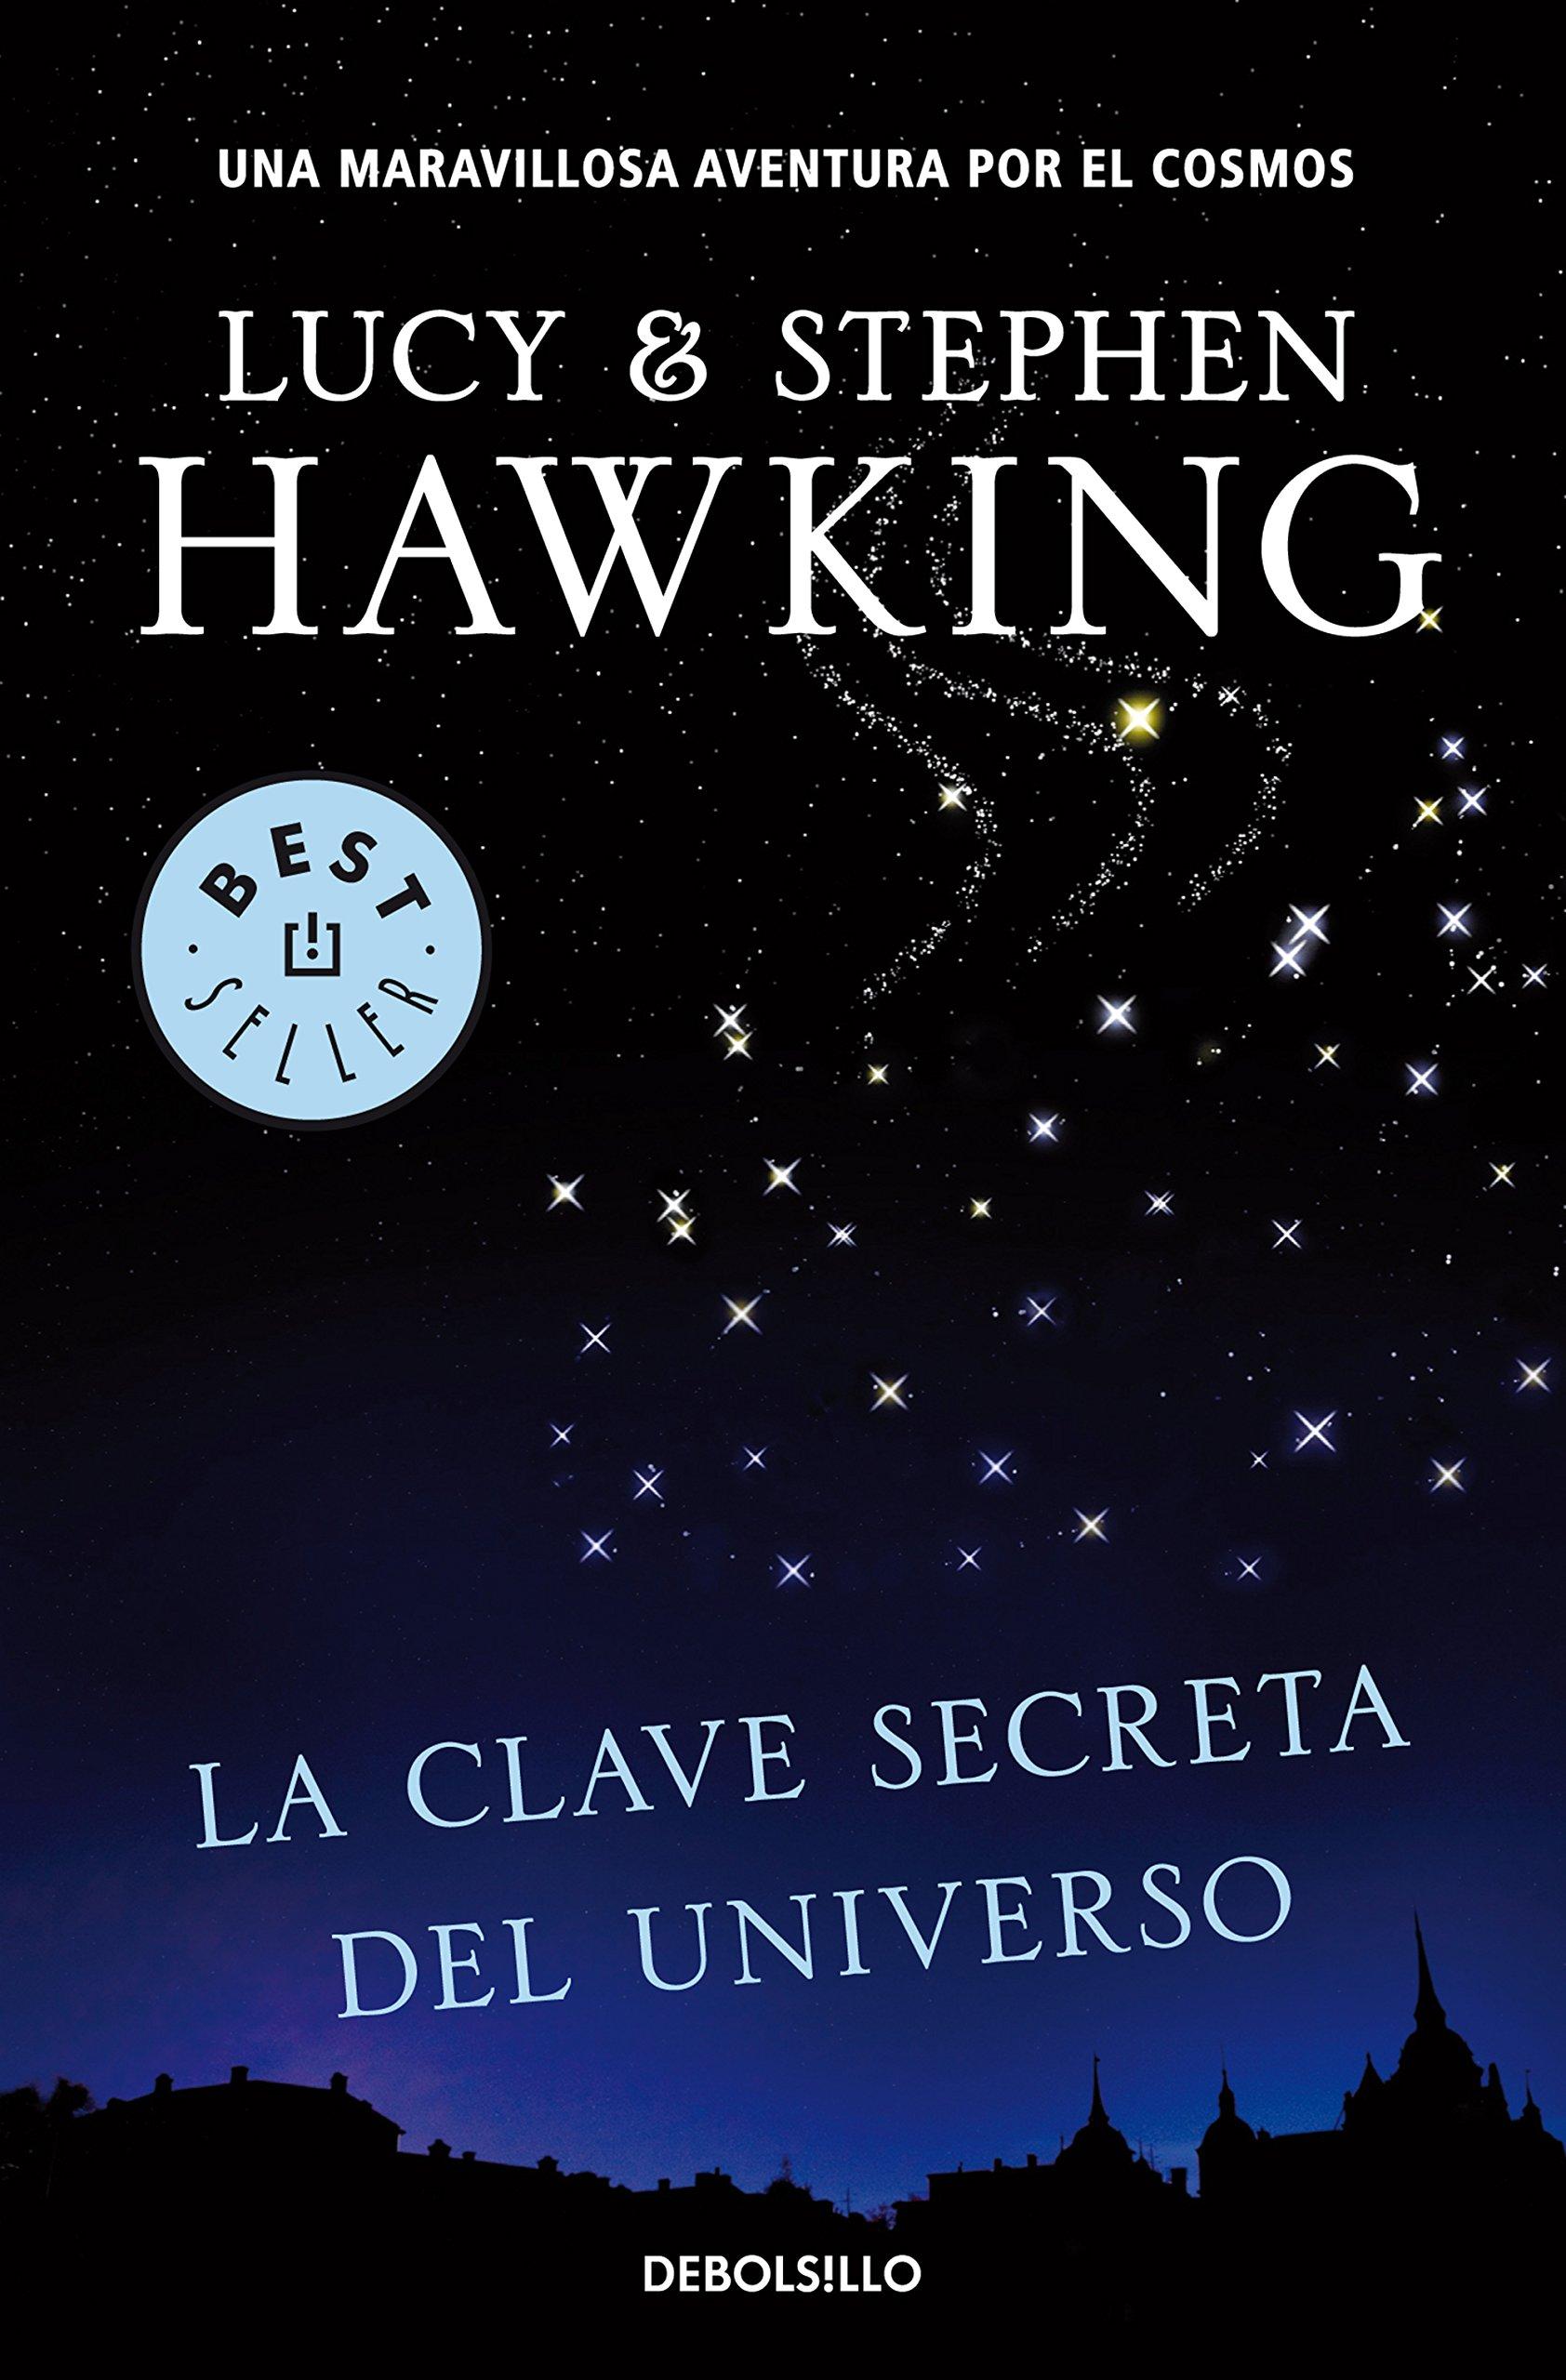 La clave secreta del universo (La clave secreta del universo 1): Una maravillosa aventura por el cosmos (BEST SELLER) Tapa blanda – 4 abr 2018 Stephen W. Hawking DEBOLSILLO 8499083722 Inventions;Fiction.